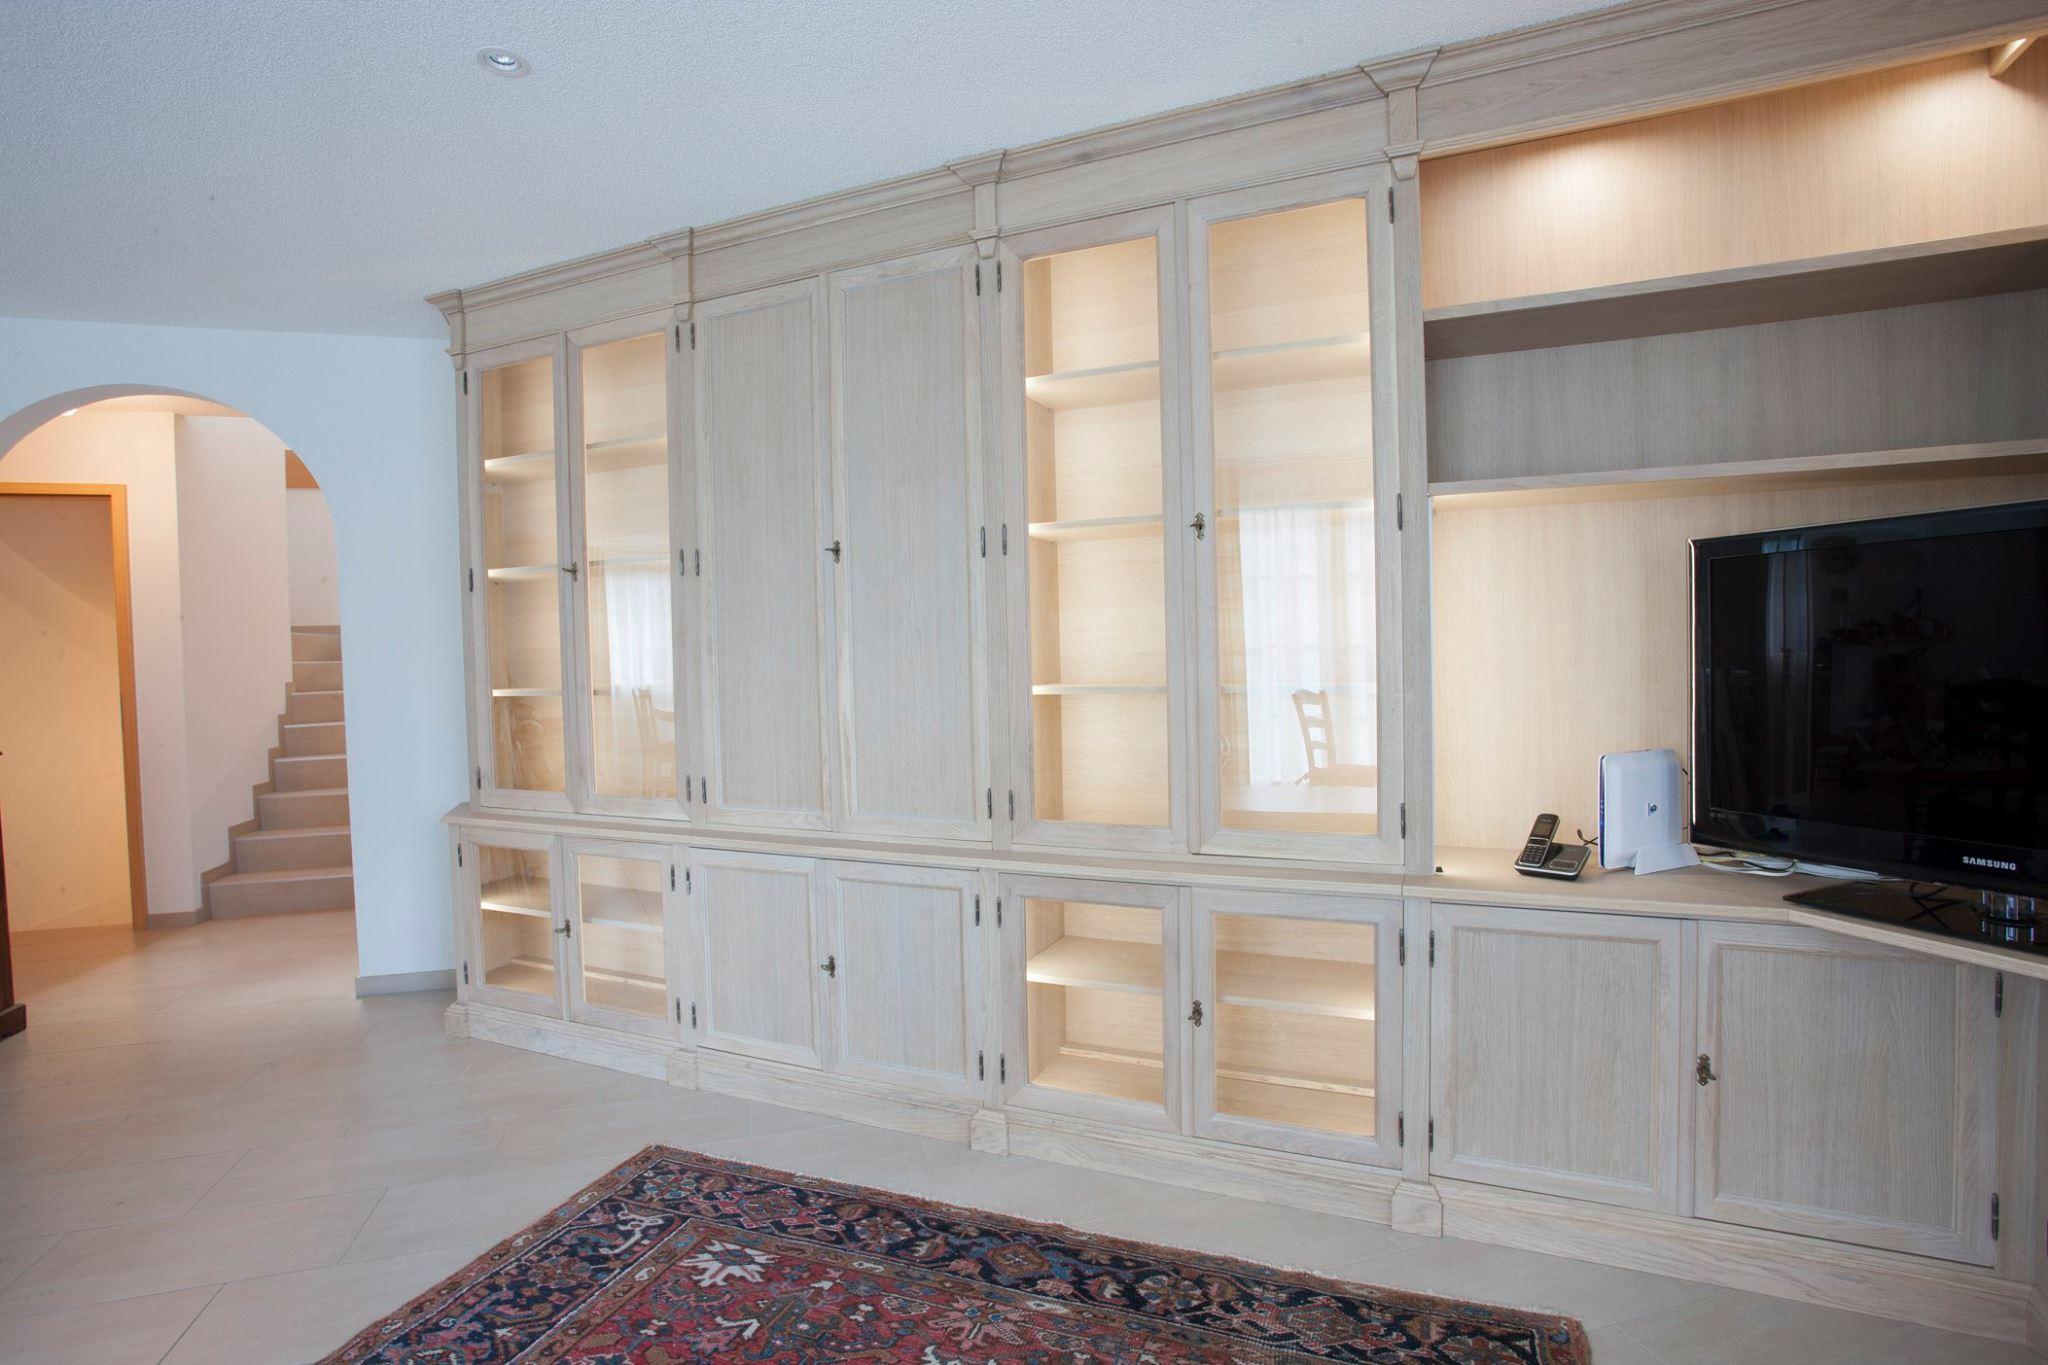 Soffitti In Legno Sbiancati: Soffitto legno sbiancato canlic for ...